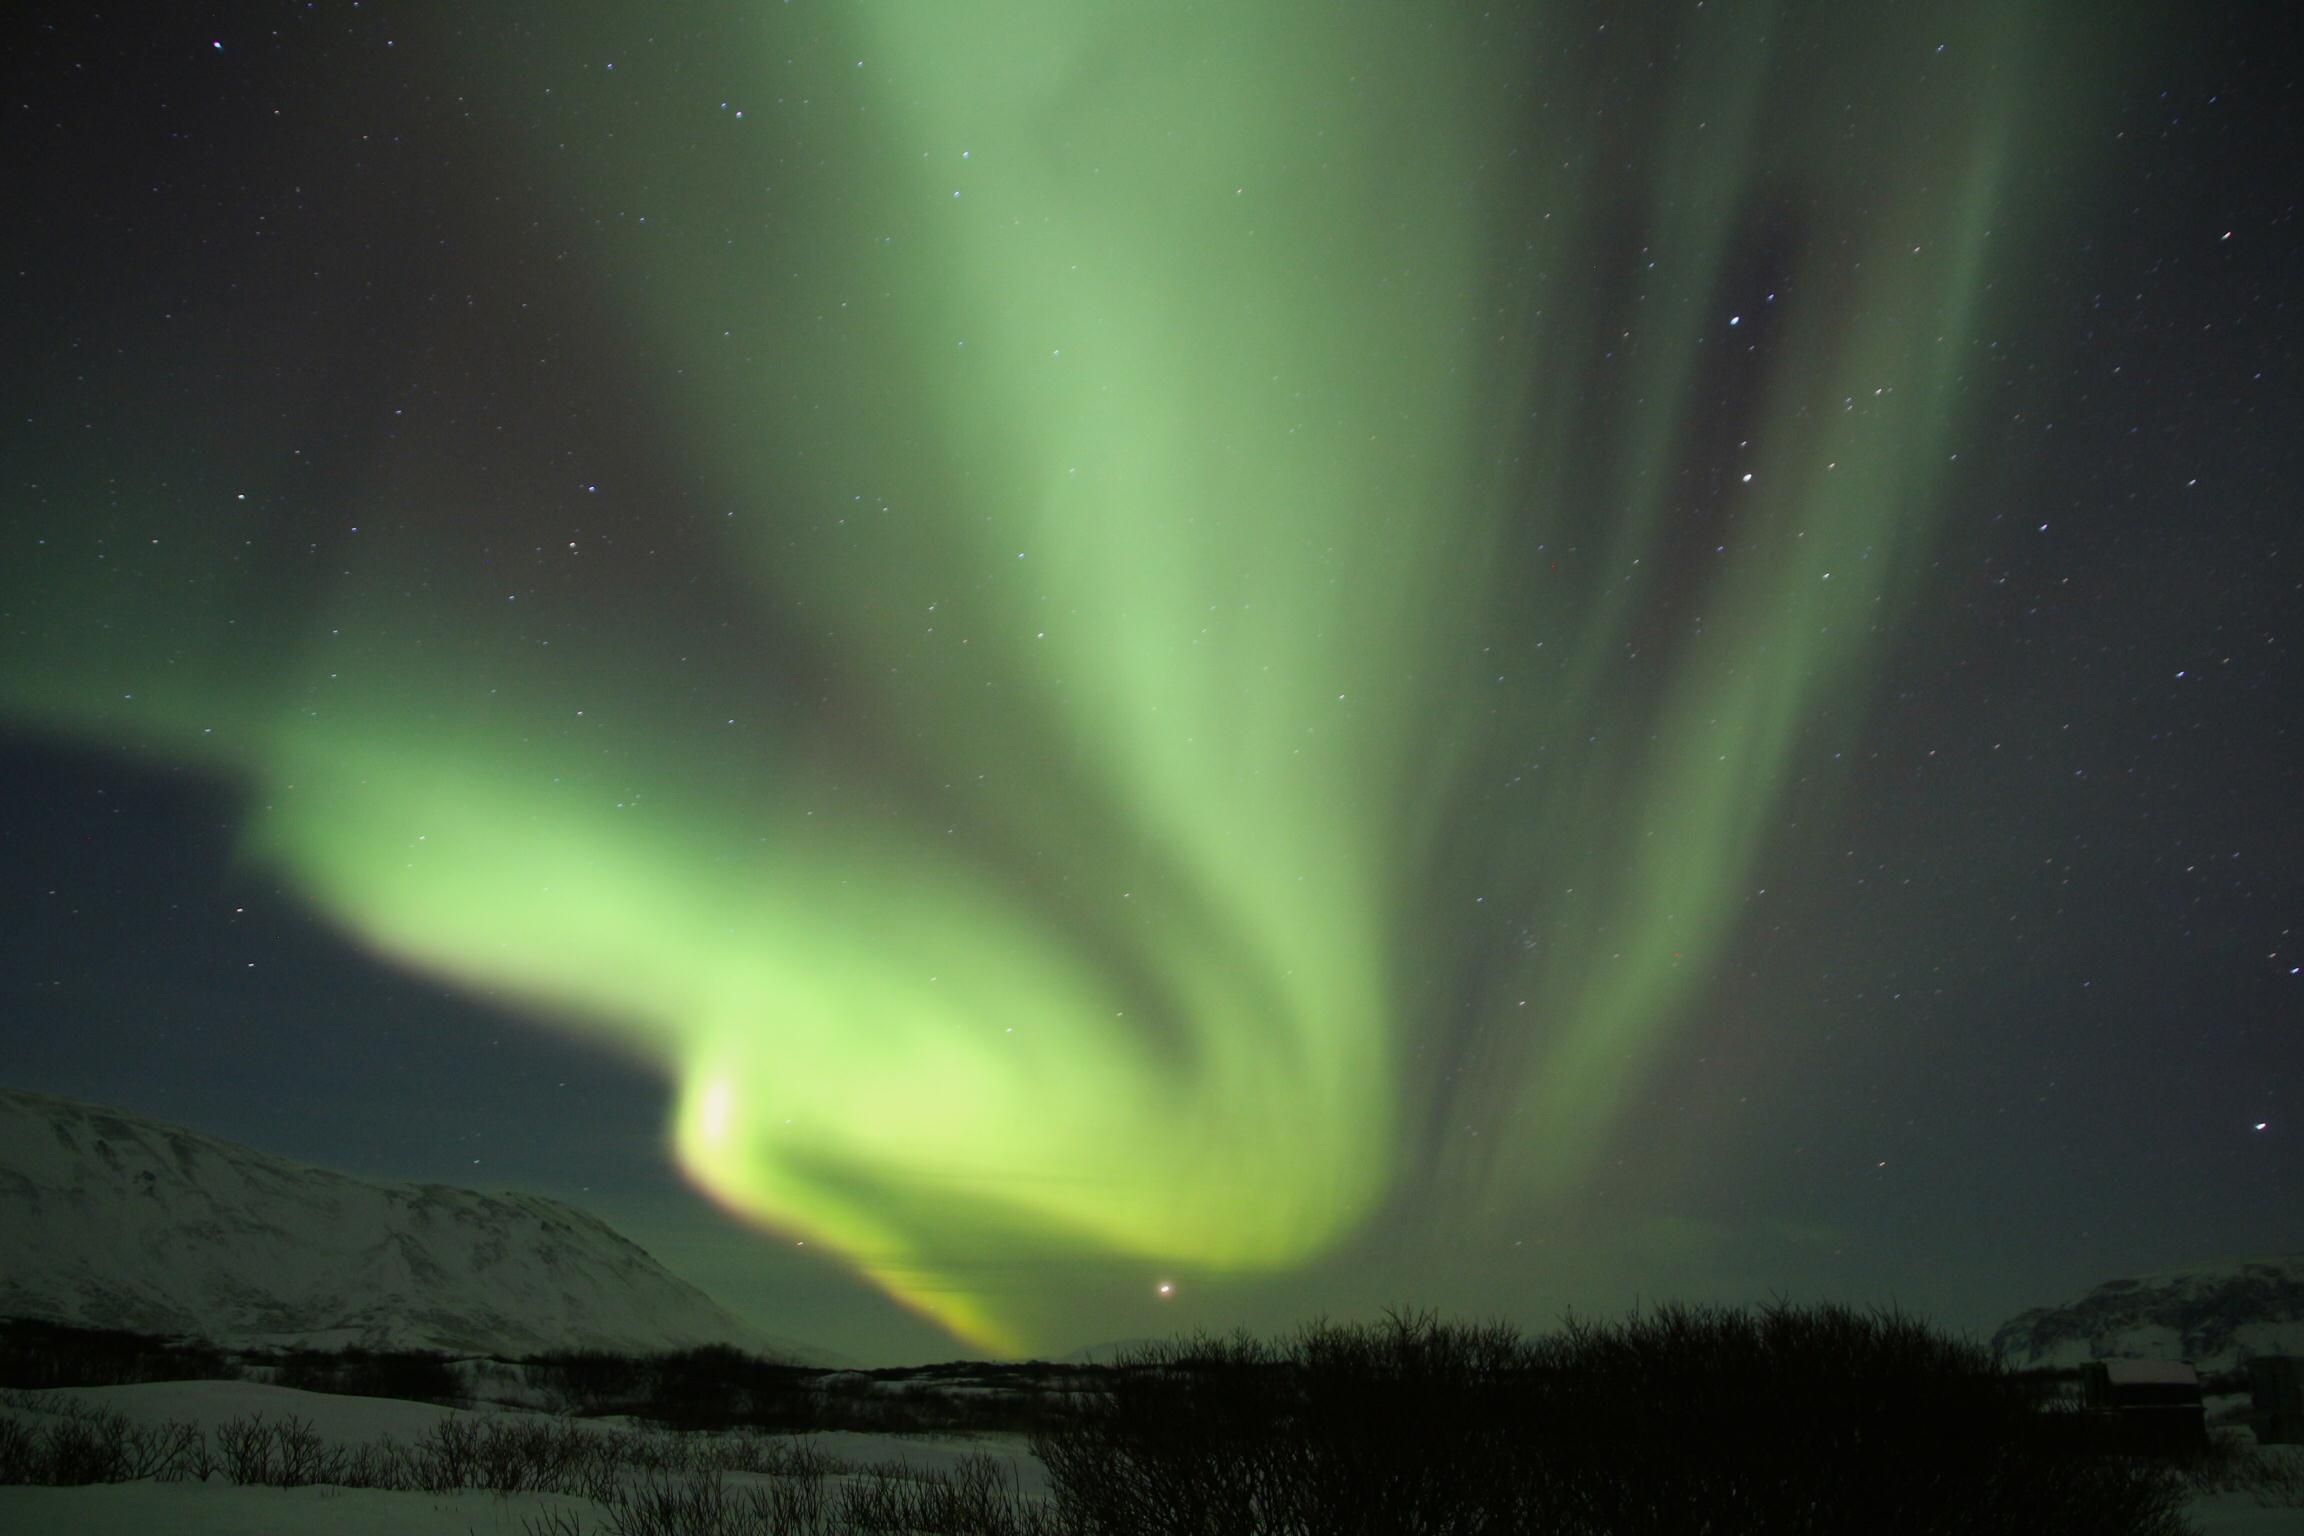 穴場なのは、雄大な自然国「アイスランド」